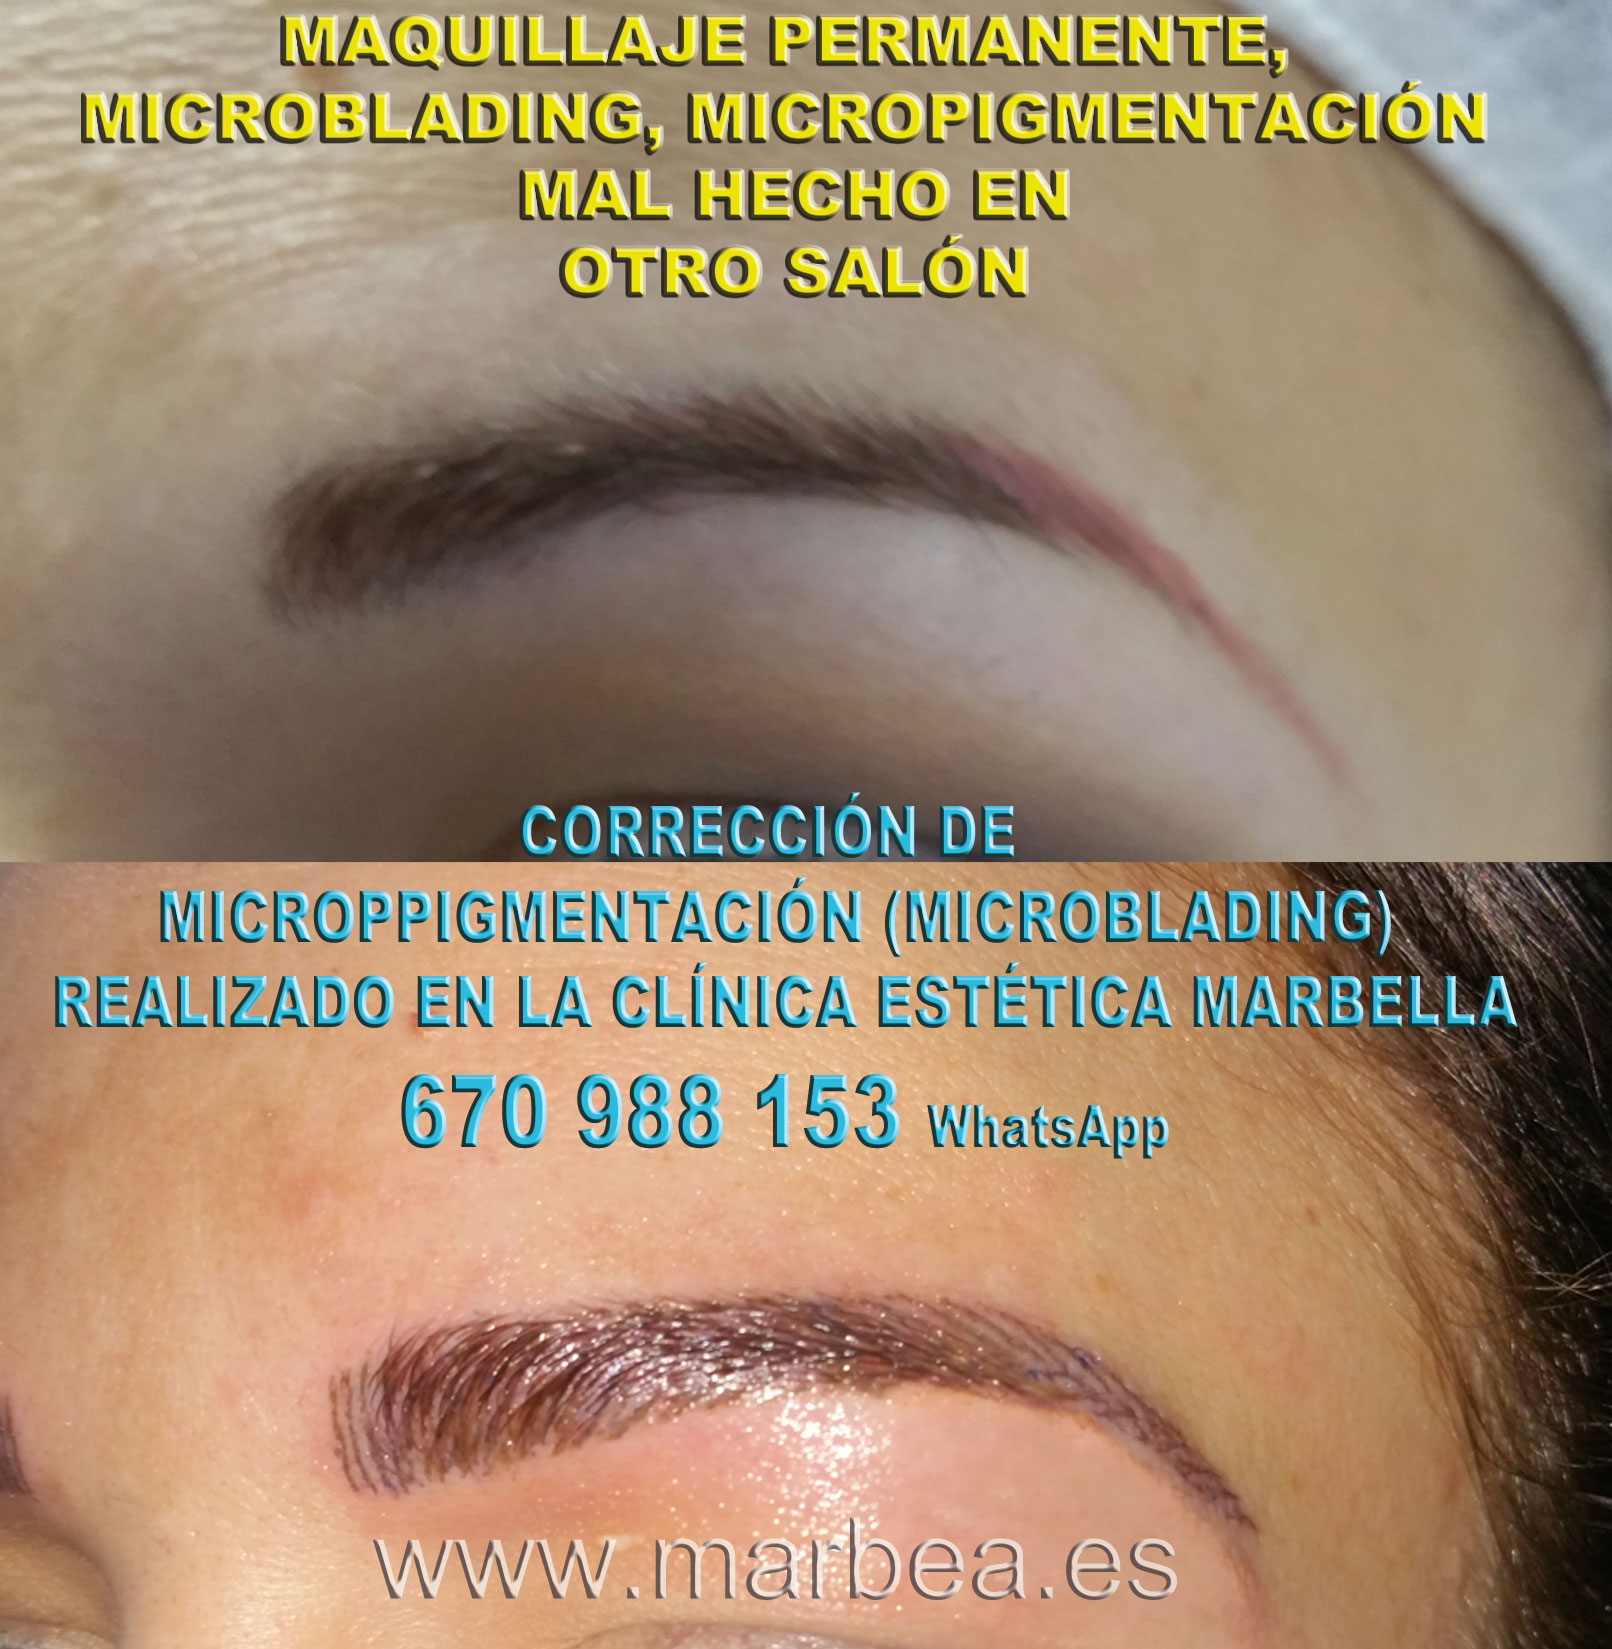 Borrar maquillaje permanente mal hecha clínica estética microblading ofrece corrección de cejas mal tatuadas,corregir micropigmentación mal hecha